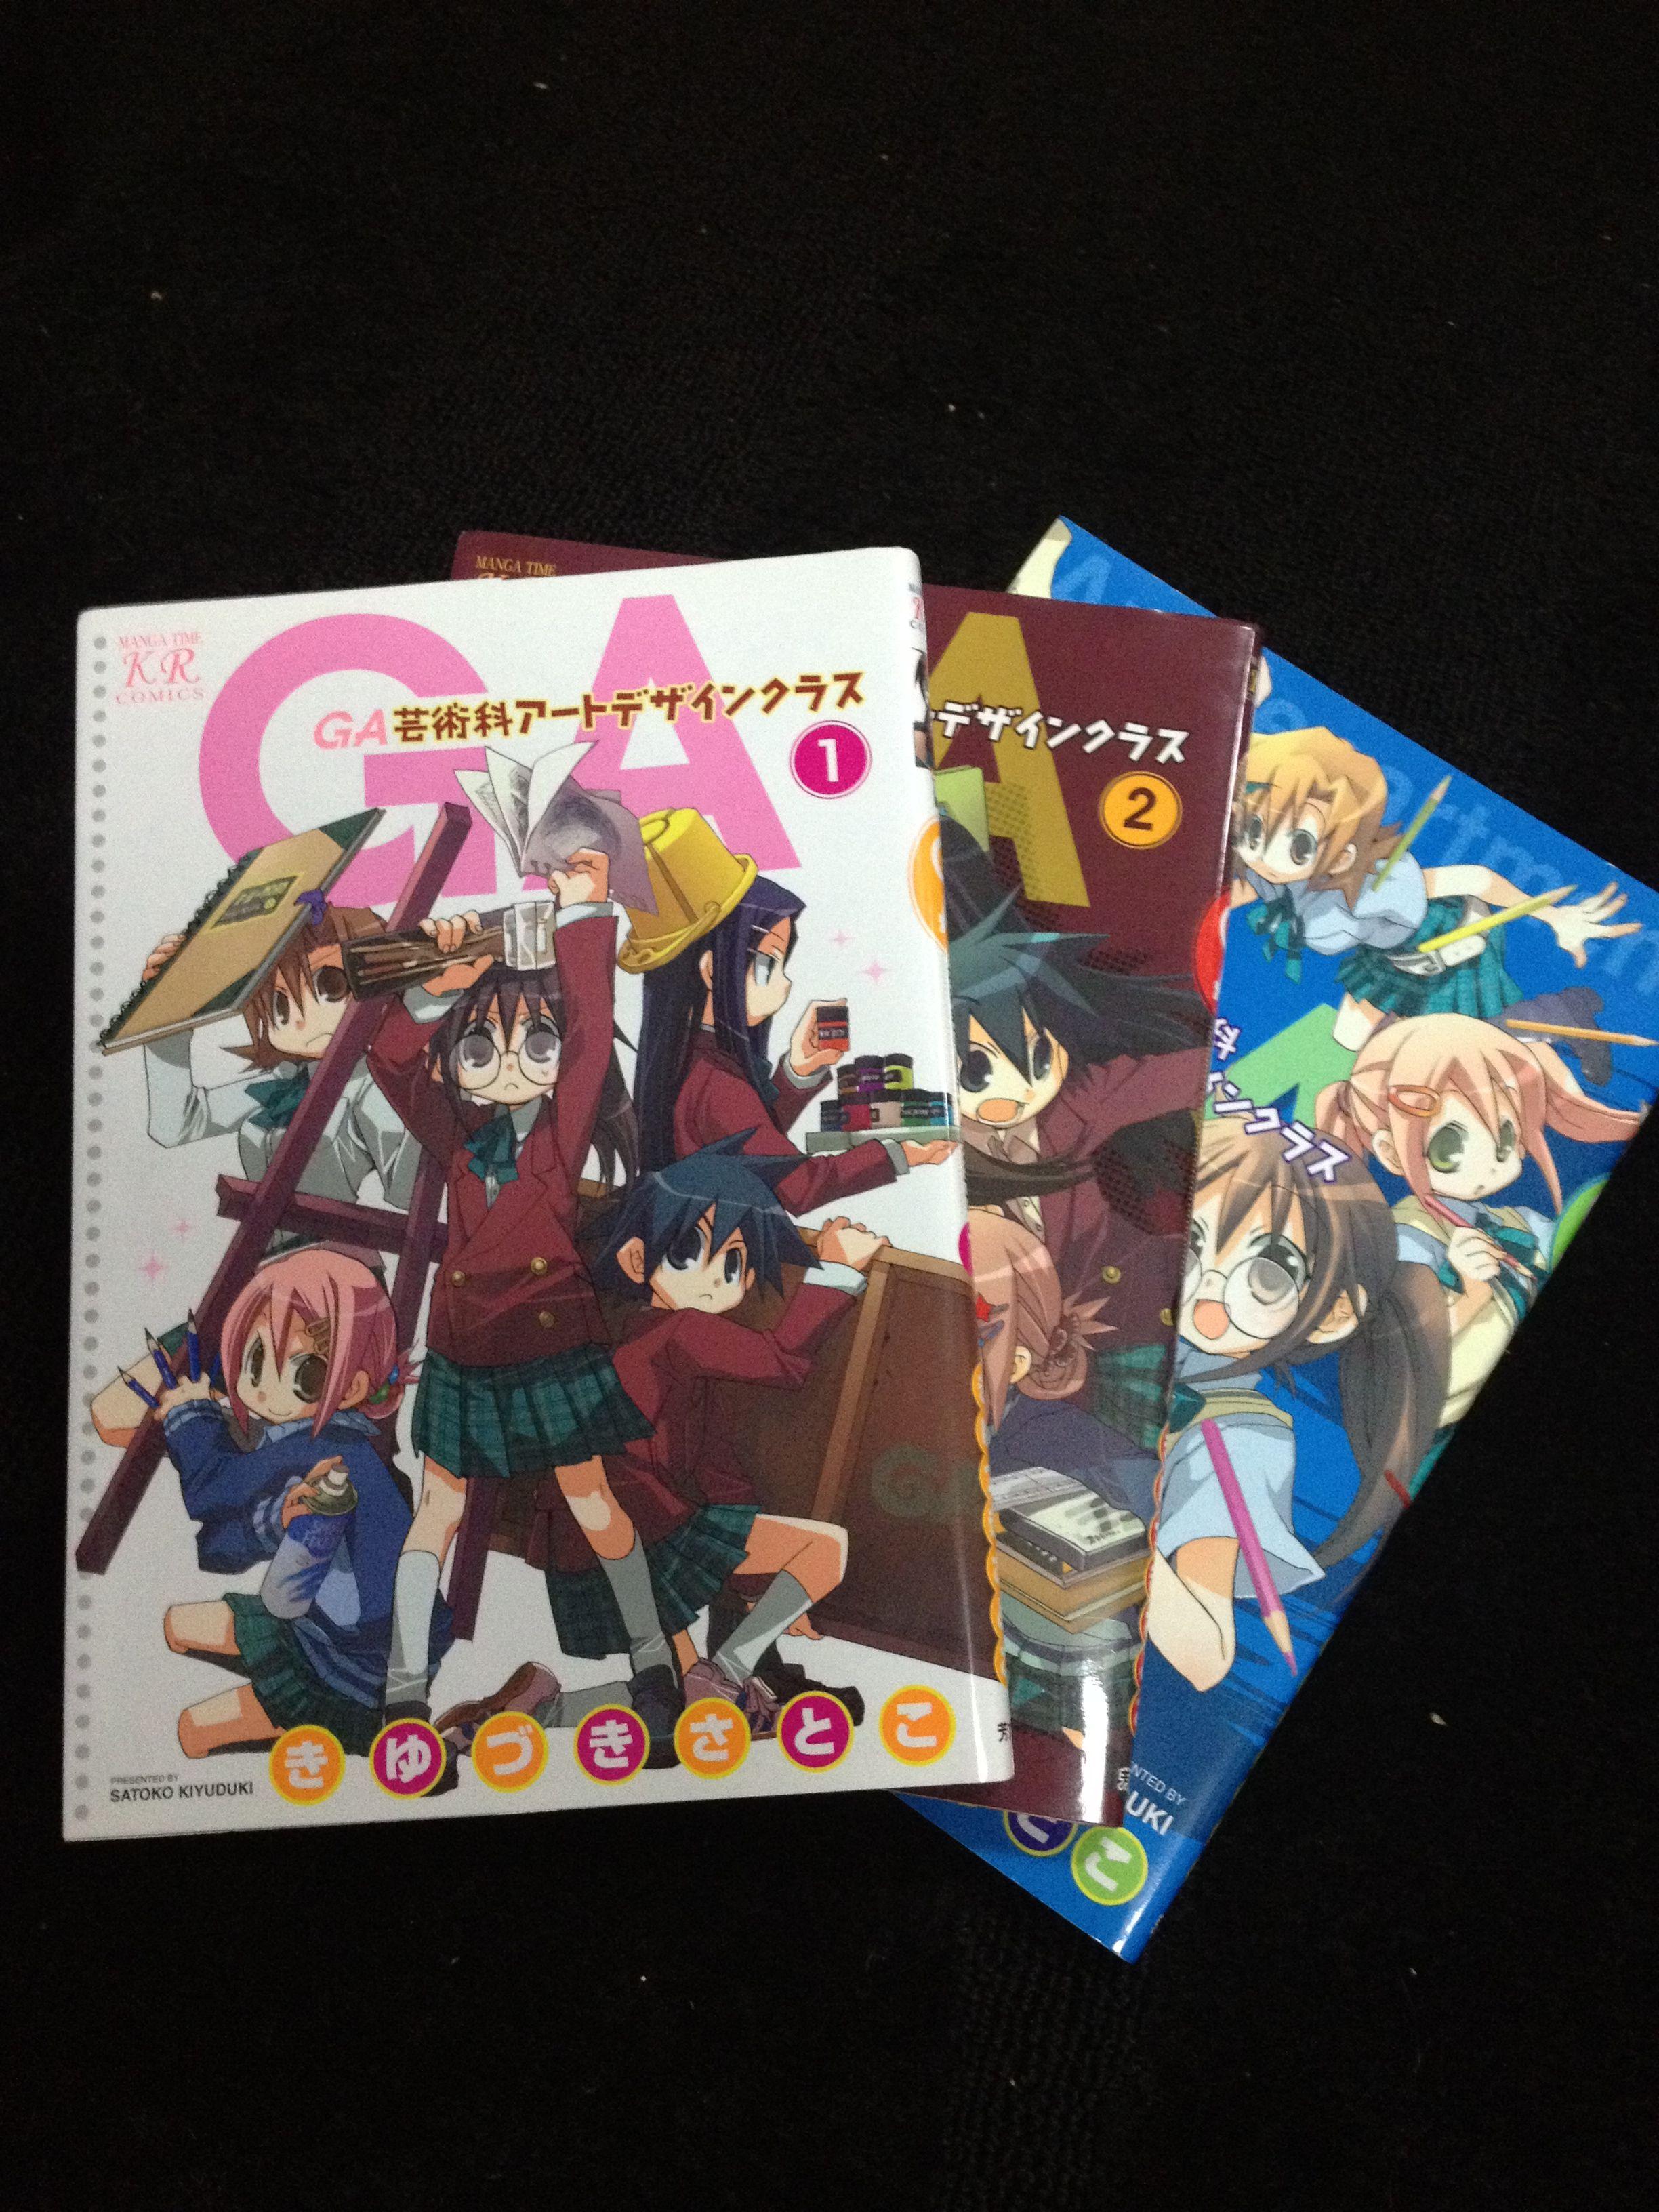 Ga蚸術家アートデザインクラスきゆづきさとこ 13巻 book cover art polaroid film